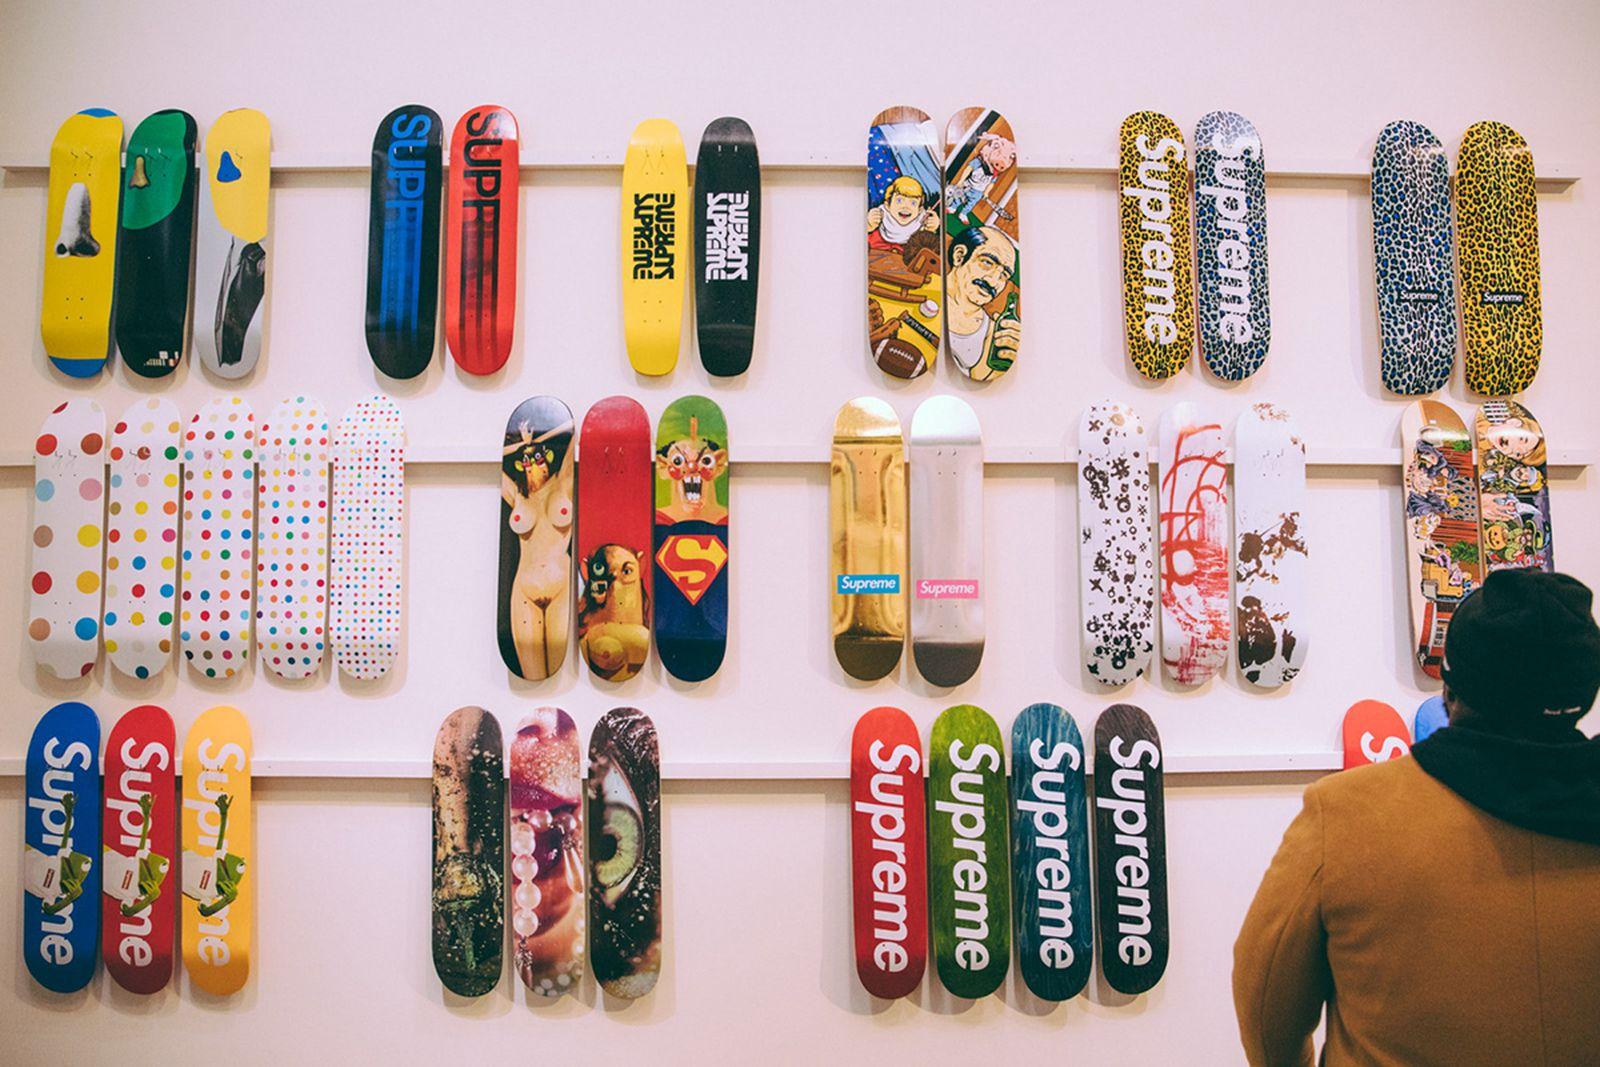 supreme skate deck collection sold 800k